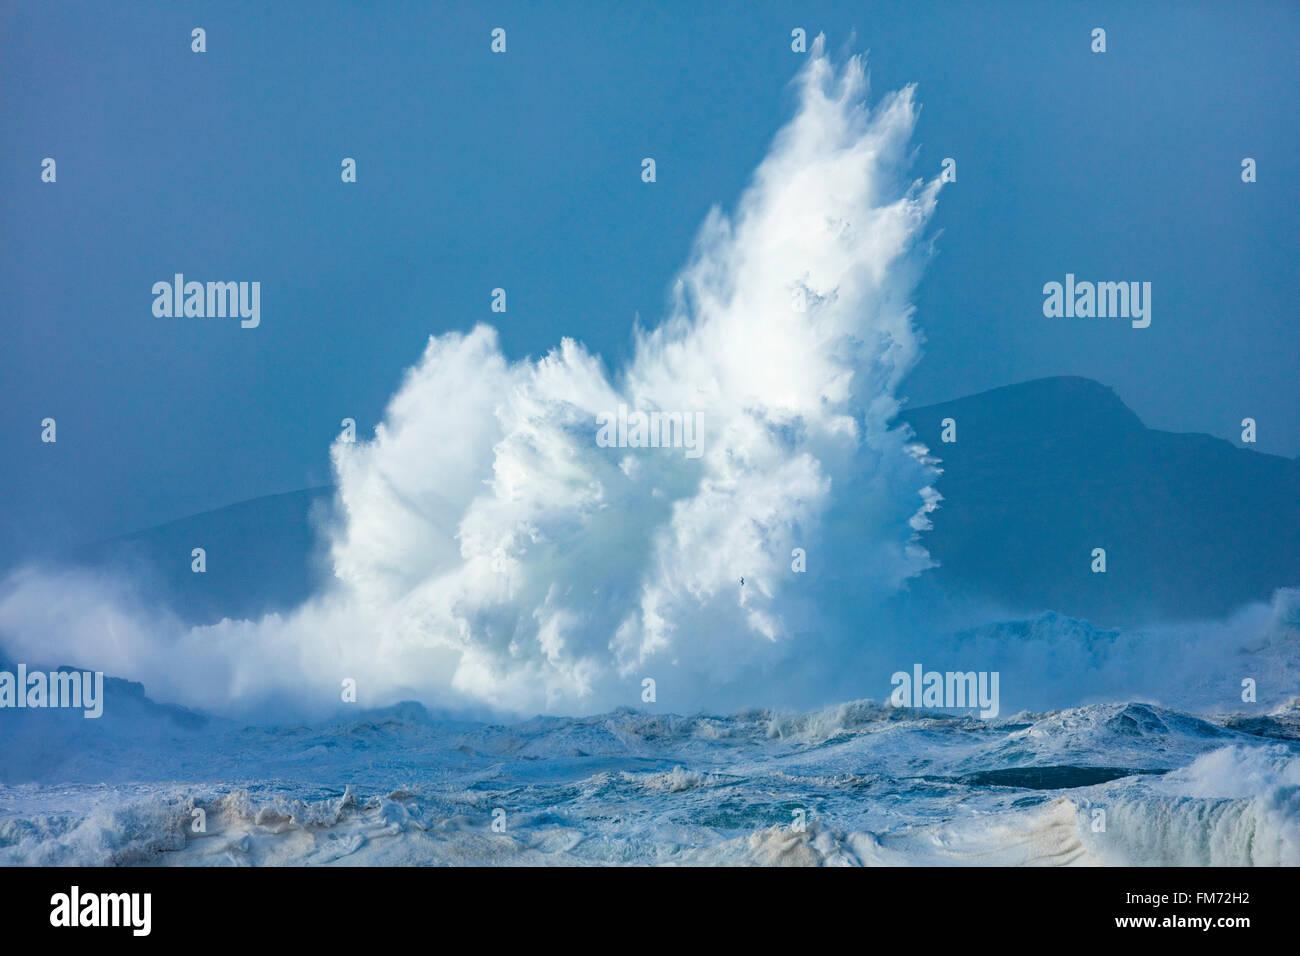 Vagues de tempête près de Clogher Head, péninsule de Dingle, comté de Kerry, Irlande. Photo Stock